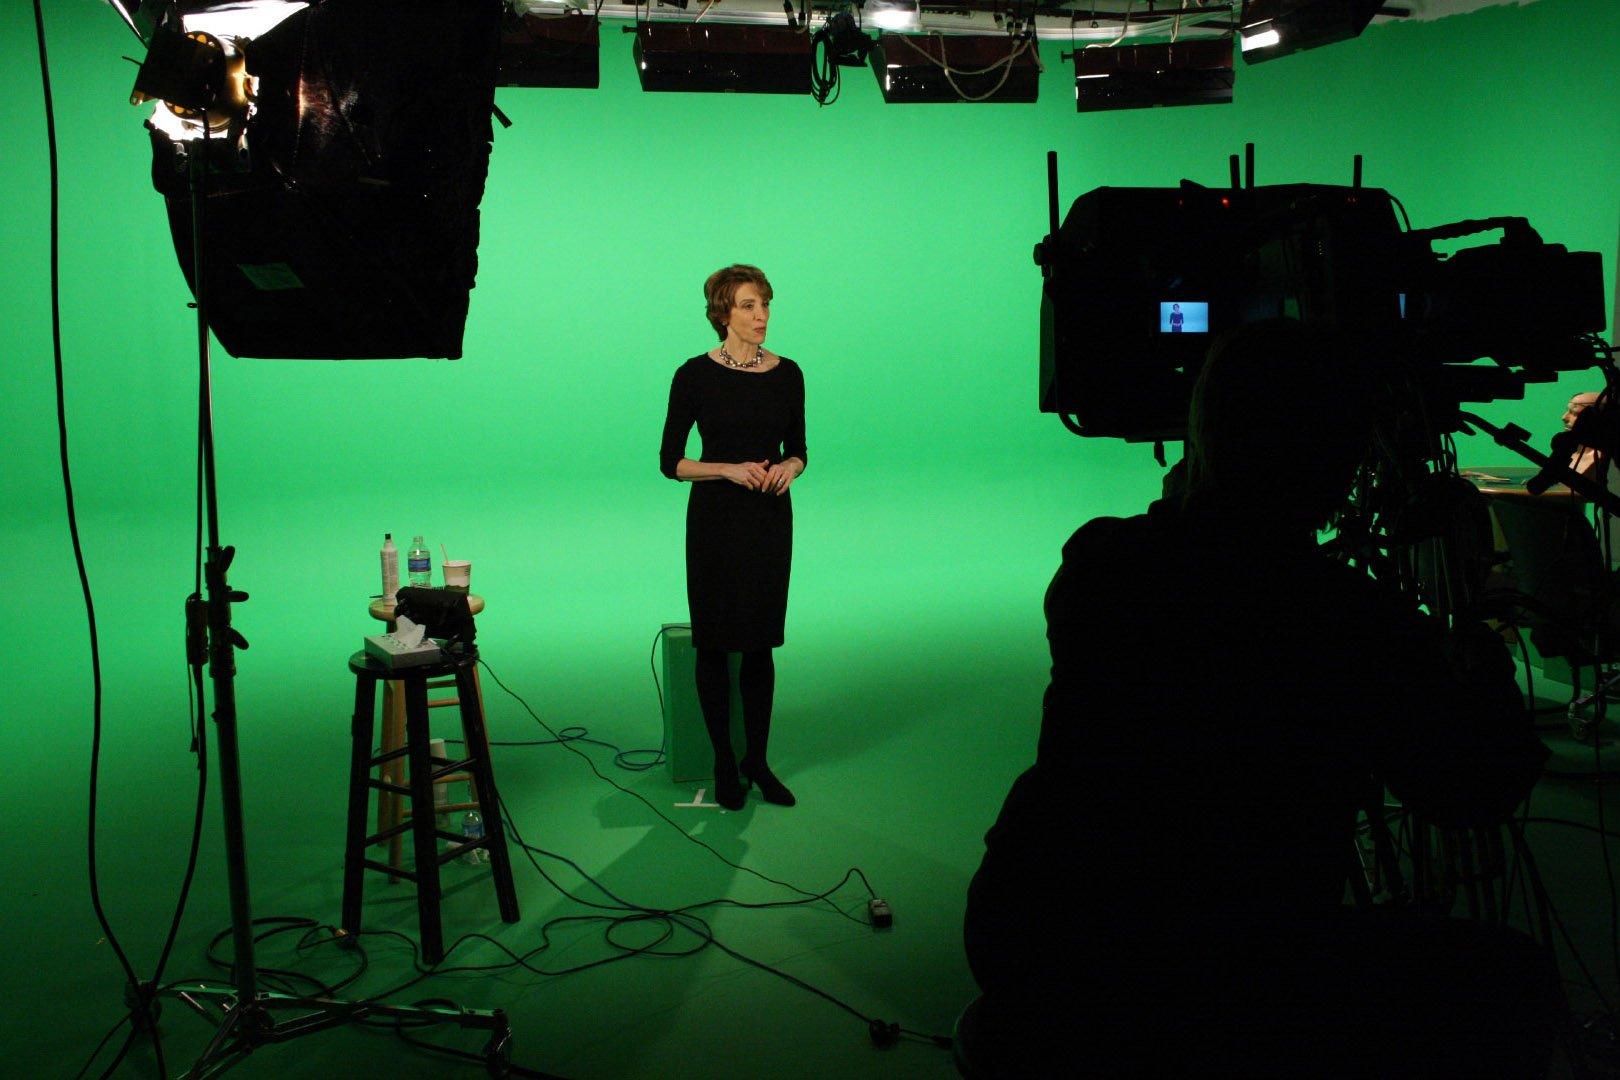 ساخت ویدیوهای آموزشی با کروماکی چگونه است؟